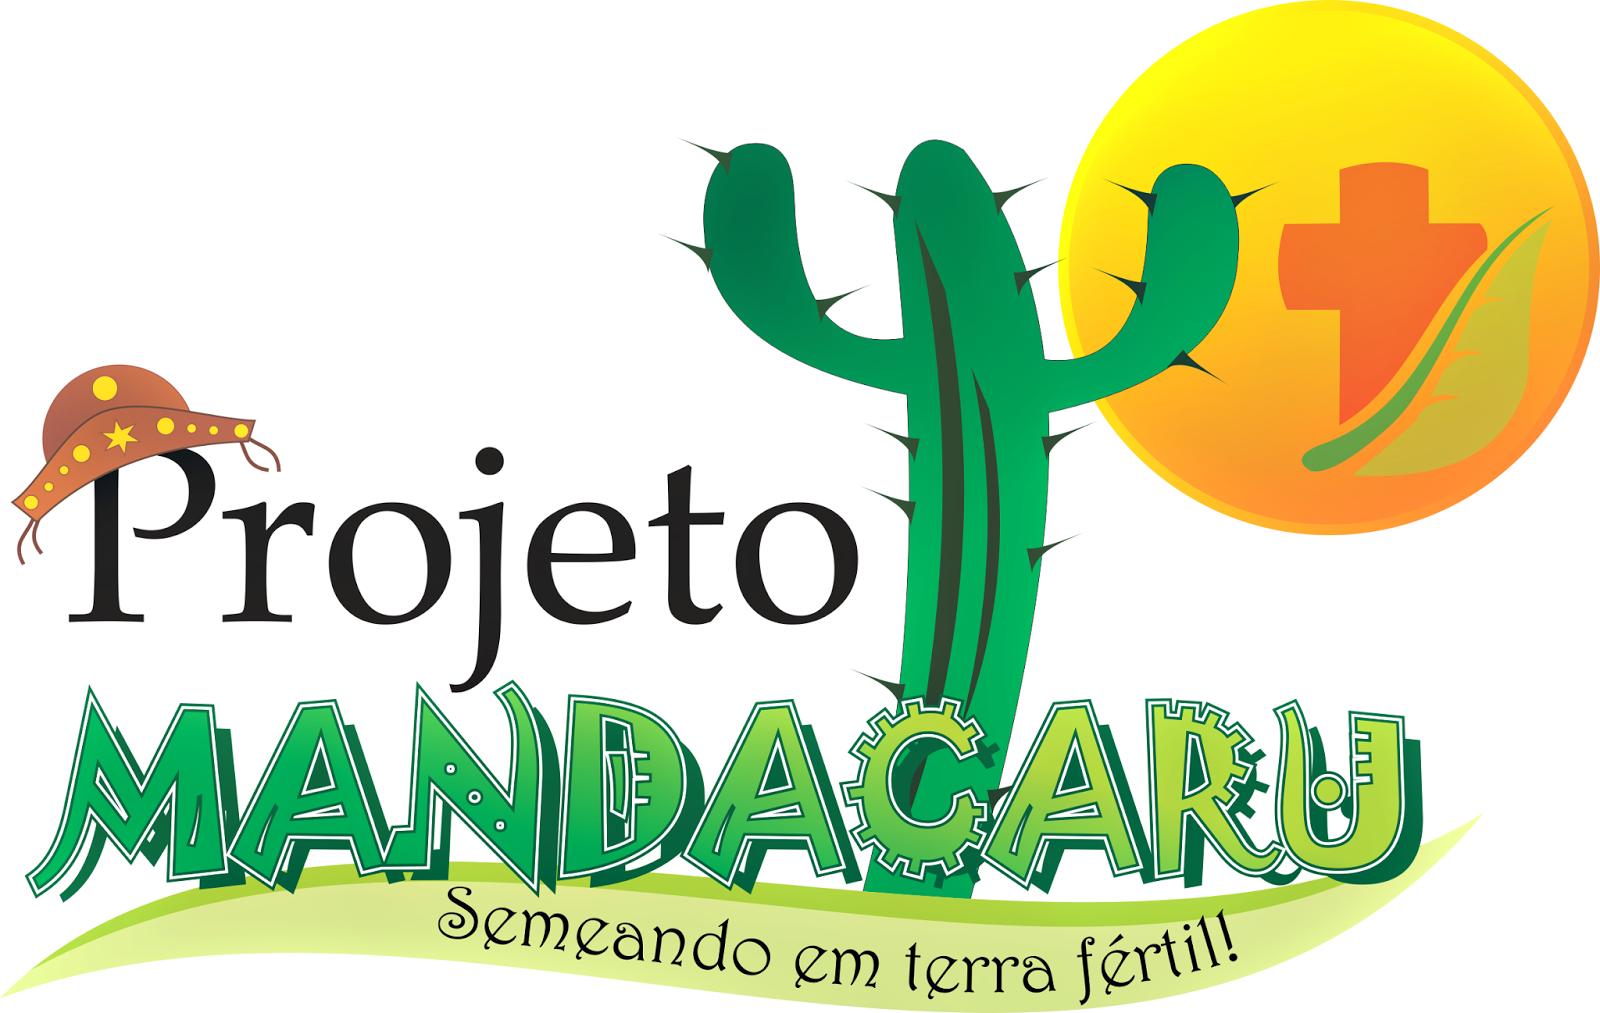 Piauí.